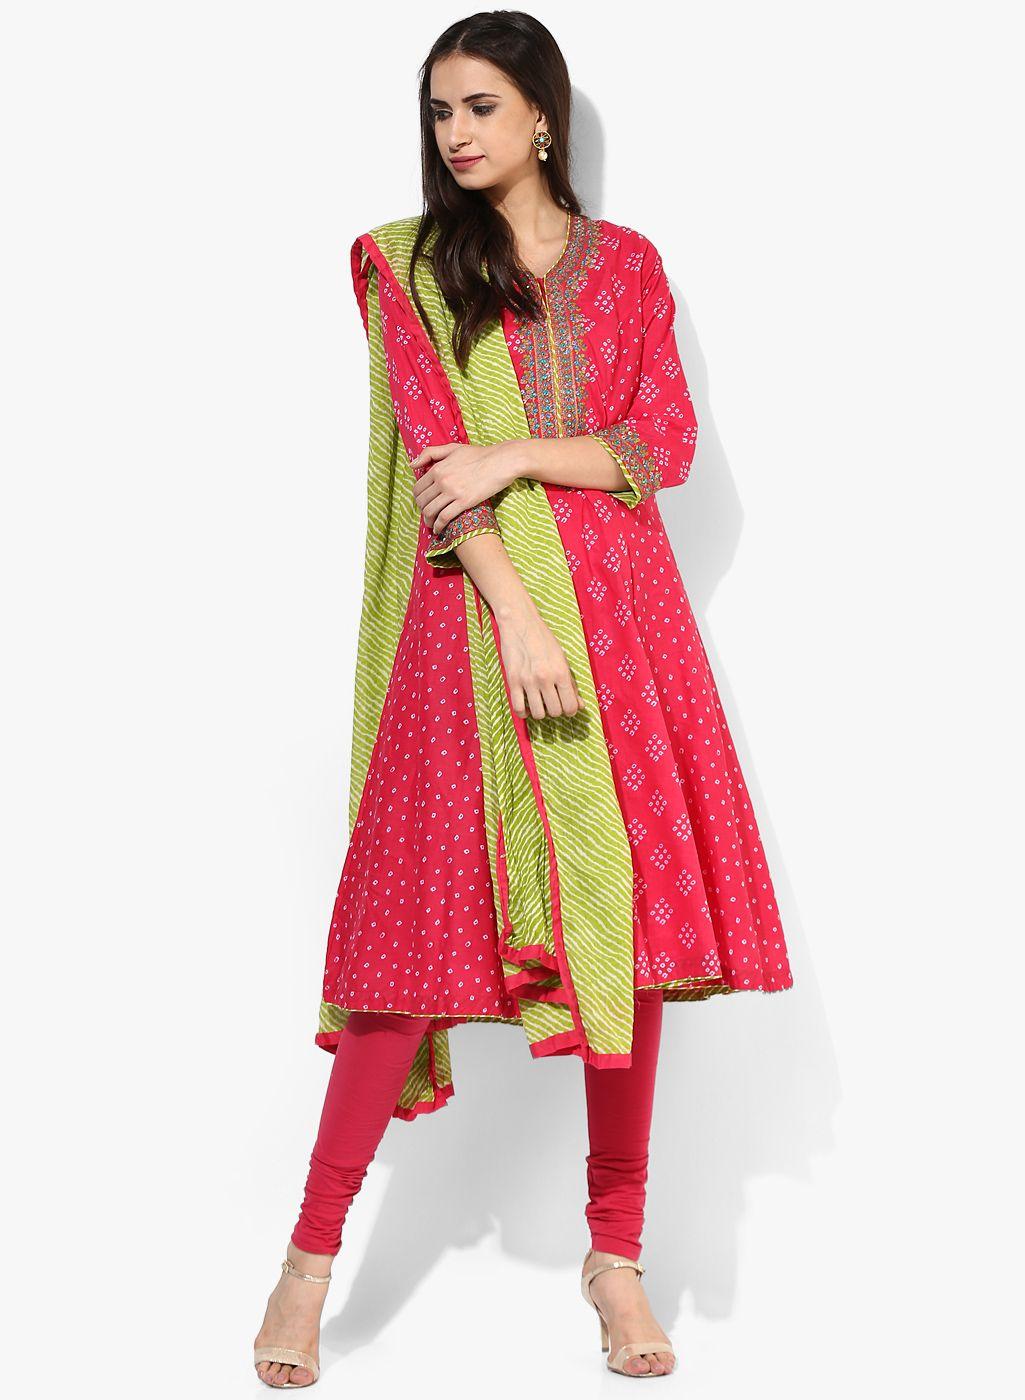 Best Kameez and Printed Design Dress